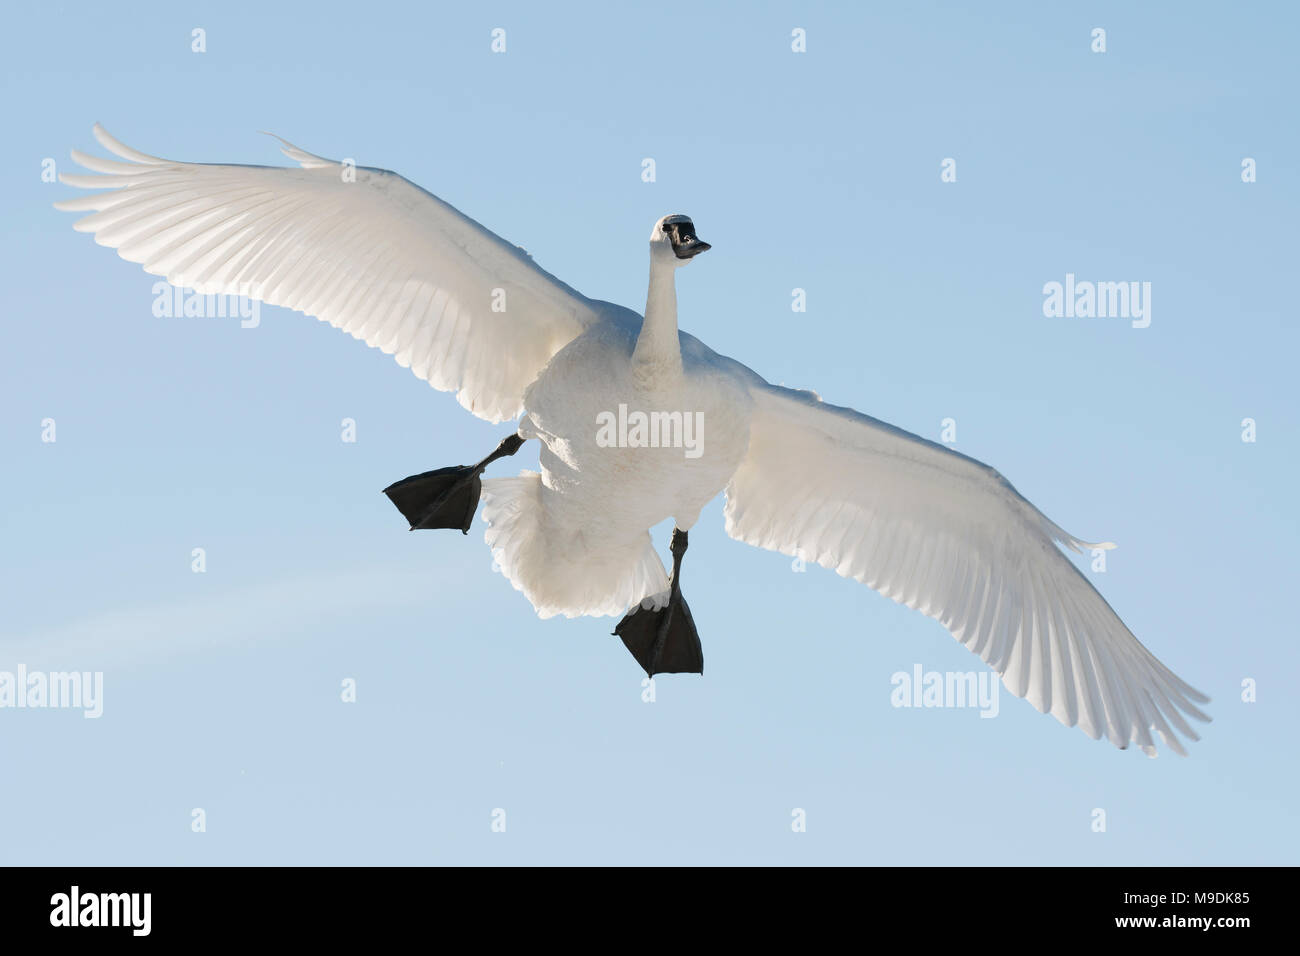 Trumpeter swan (Cygnus buccinatore) lo sbarco sul St. Croix River, WI, Stati Uniti d'America, alla fine di gennaio, da Dominique Braud/Dembinsky Foto Assoc Immagini Stock